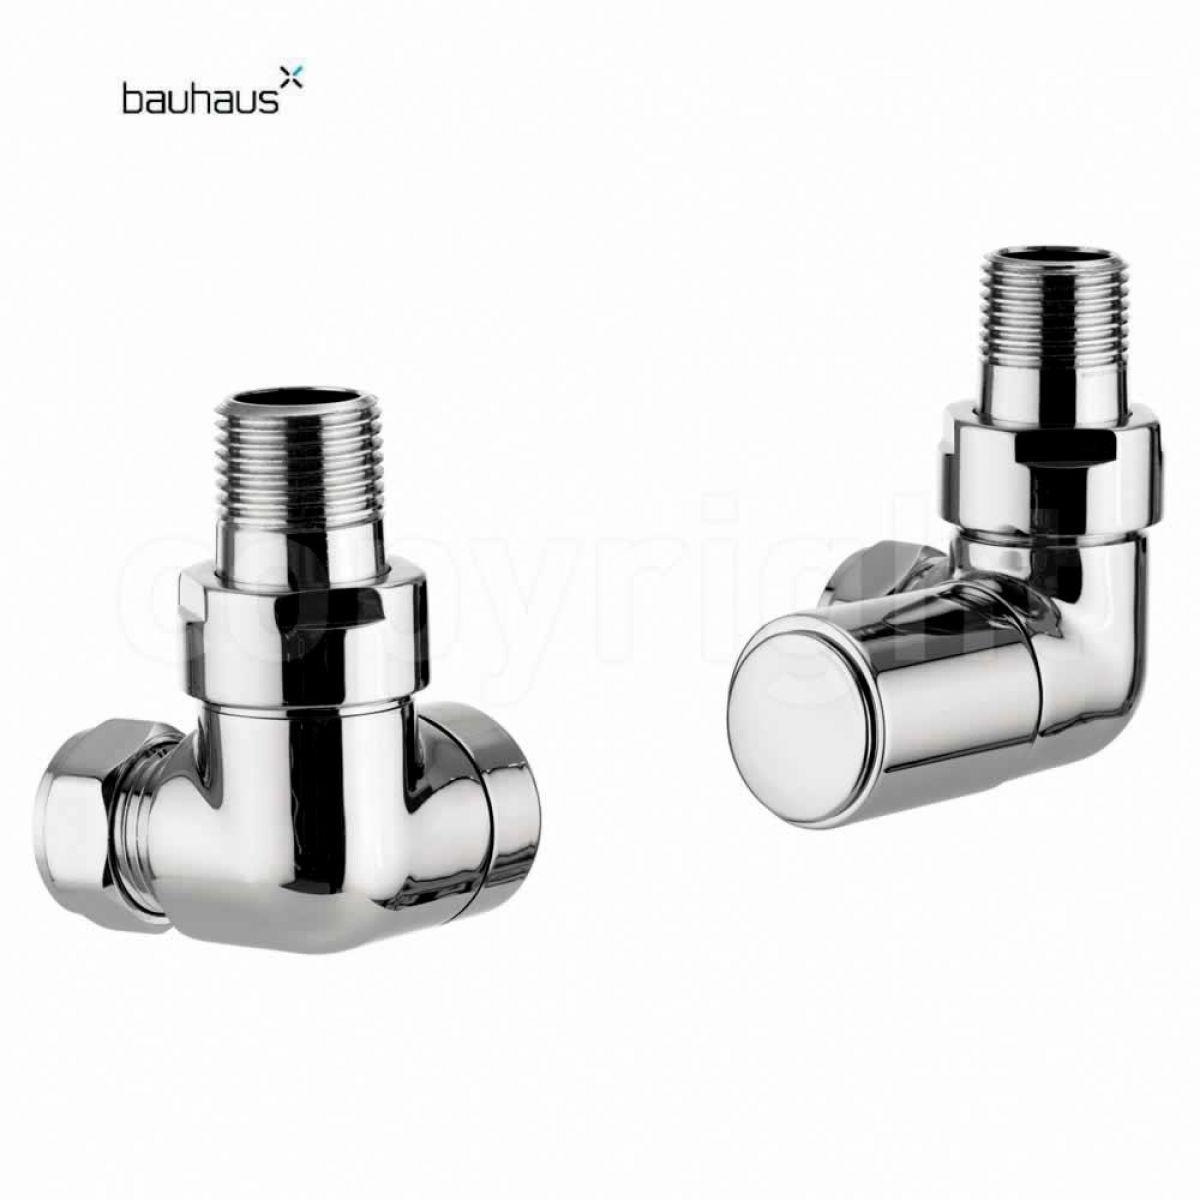 Bauhaus Round Corner Radiator Valve Set Uk Bathrooms